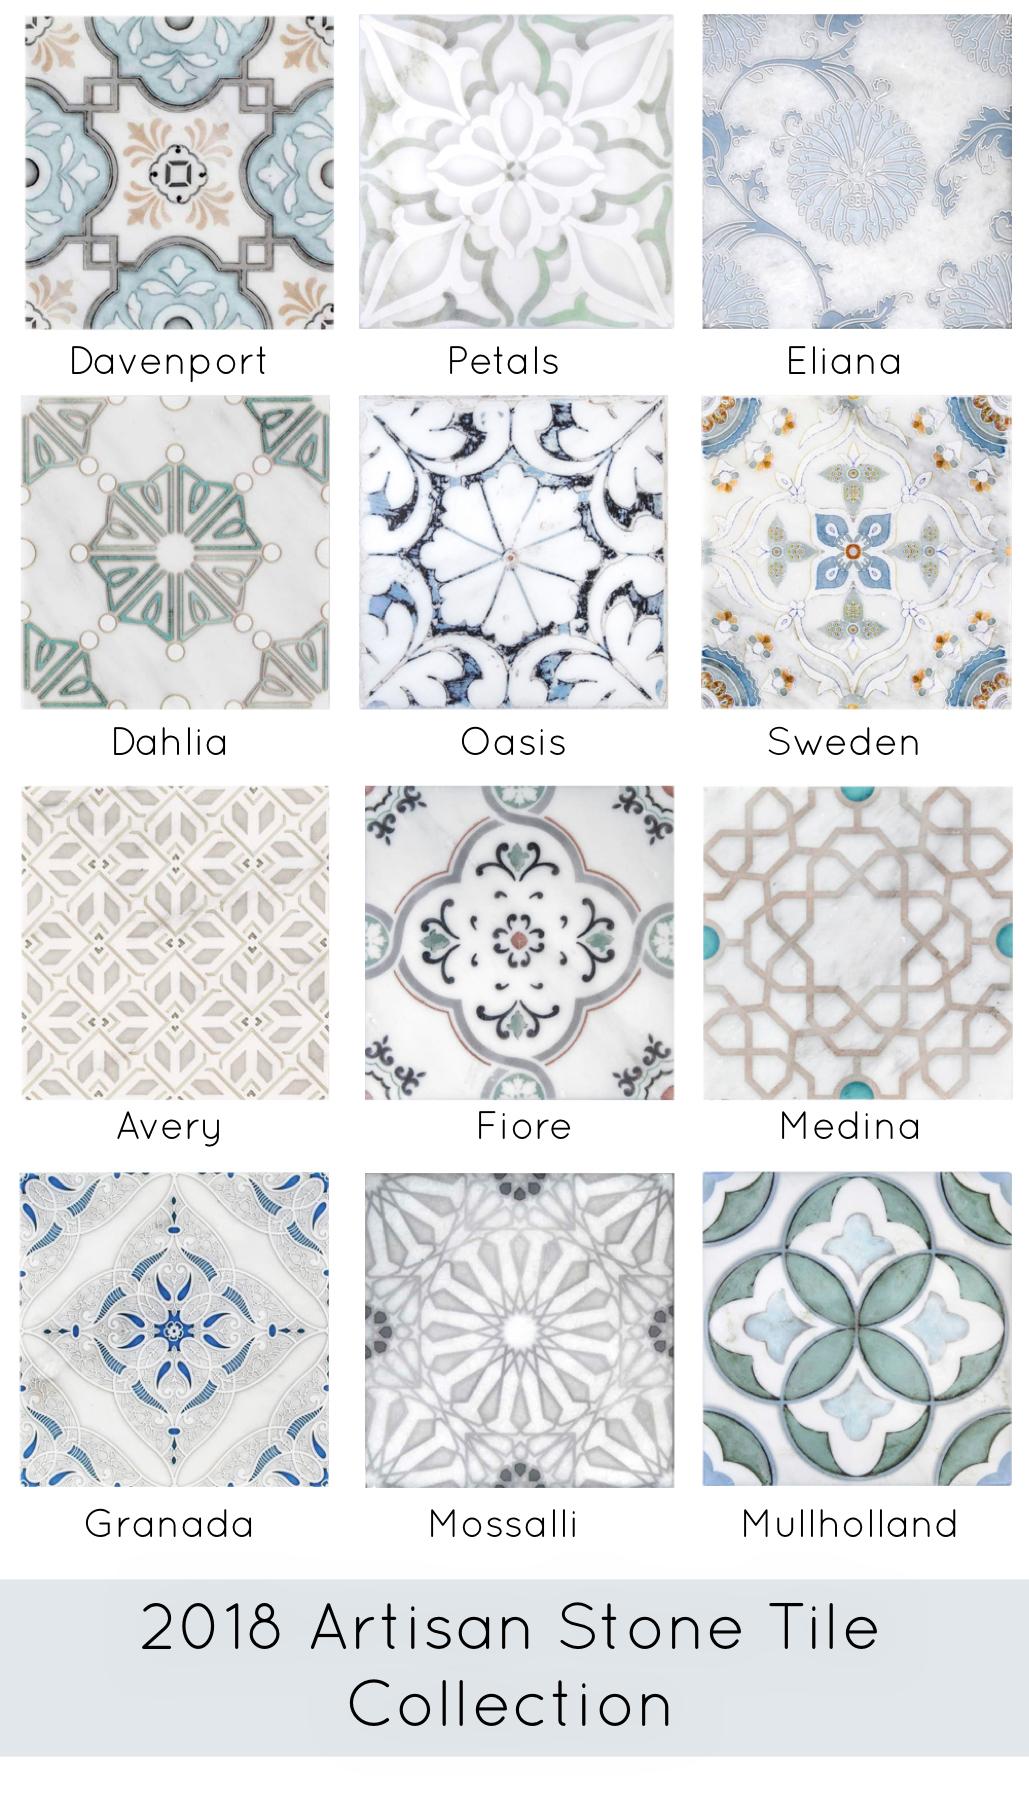 artisan stone tile tile patterns